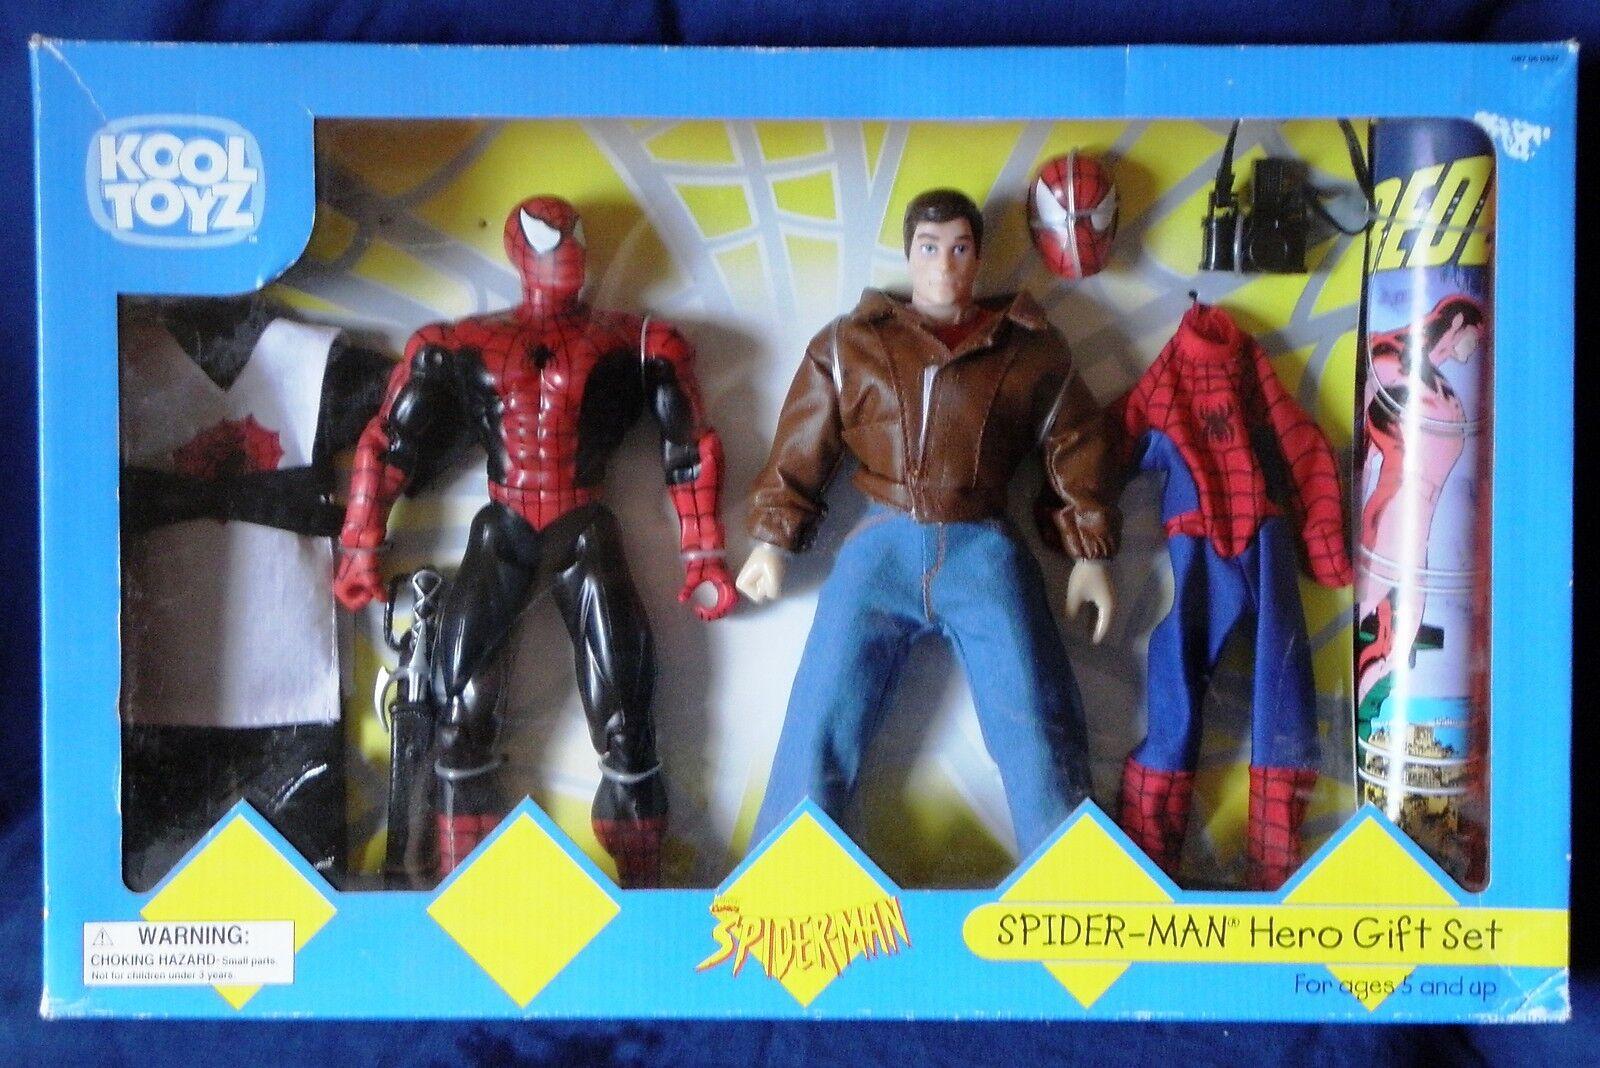 Kool toyz  spider - man  - held geschenkset mit comic